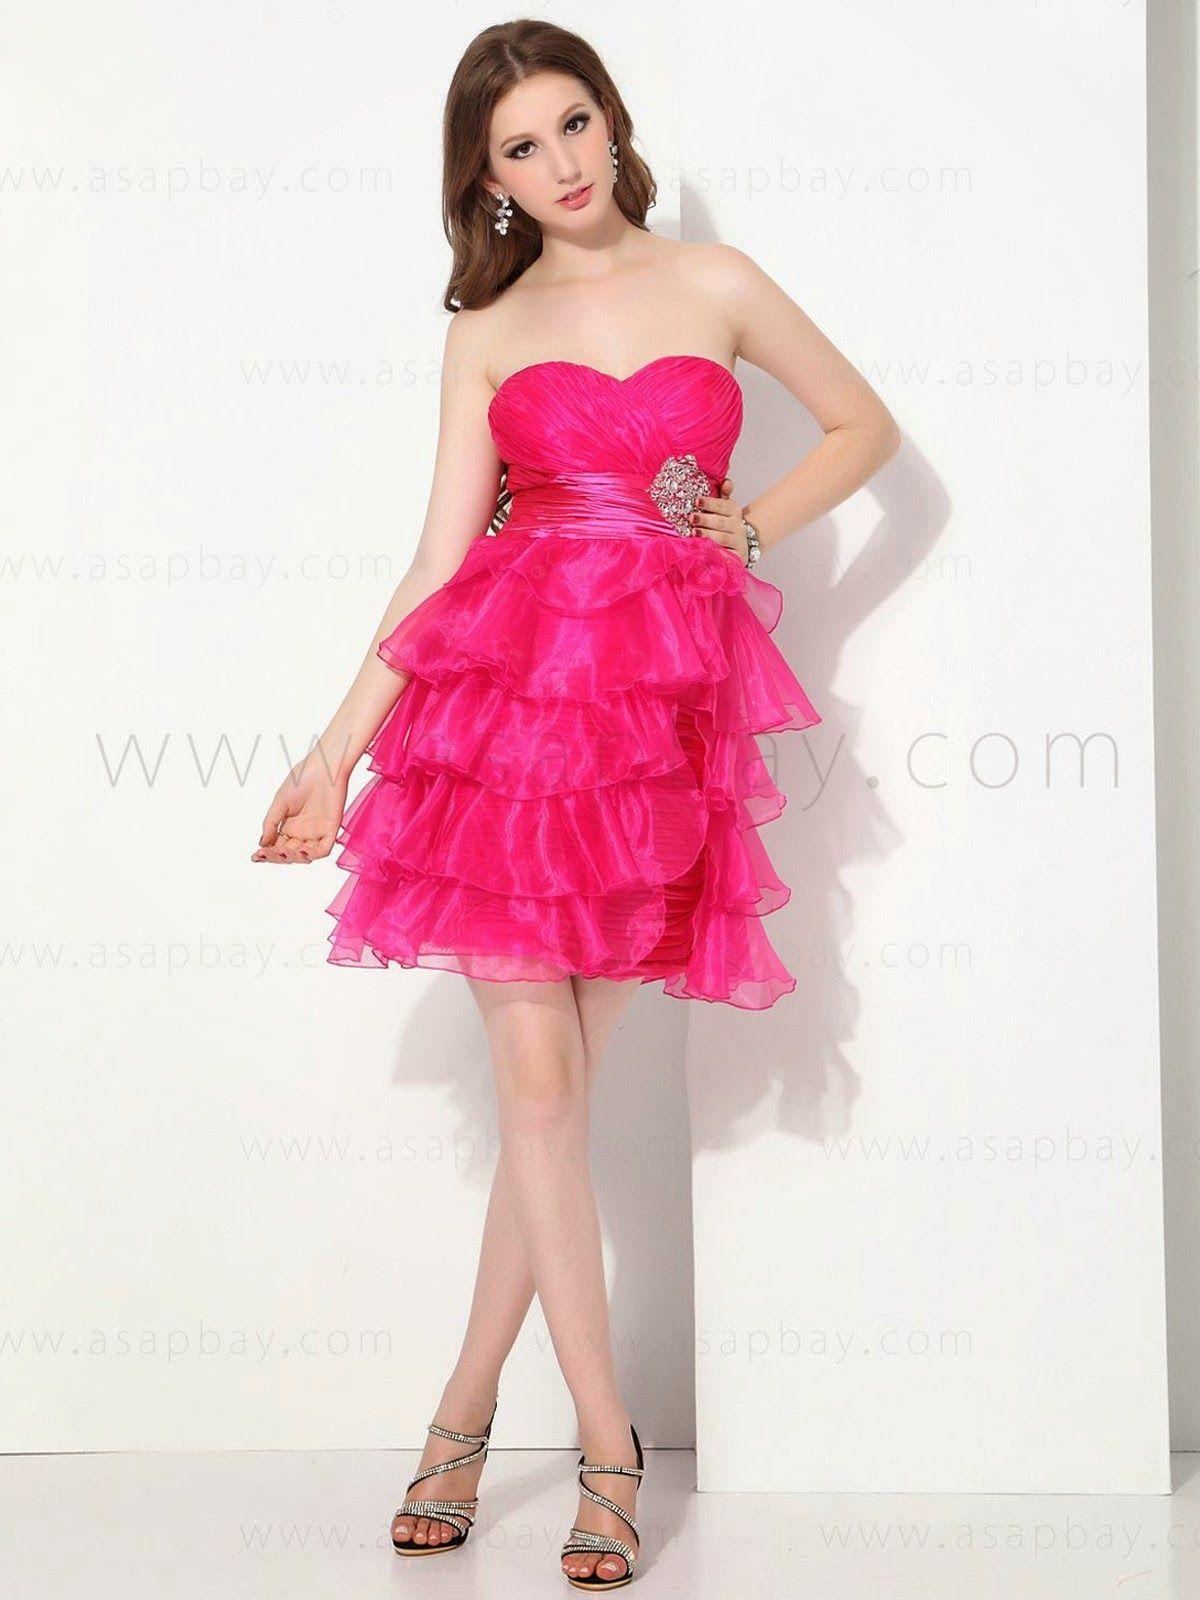 Maravillosos vestidos de graduación | Tendencias | Vestidos de ...